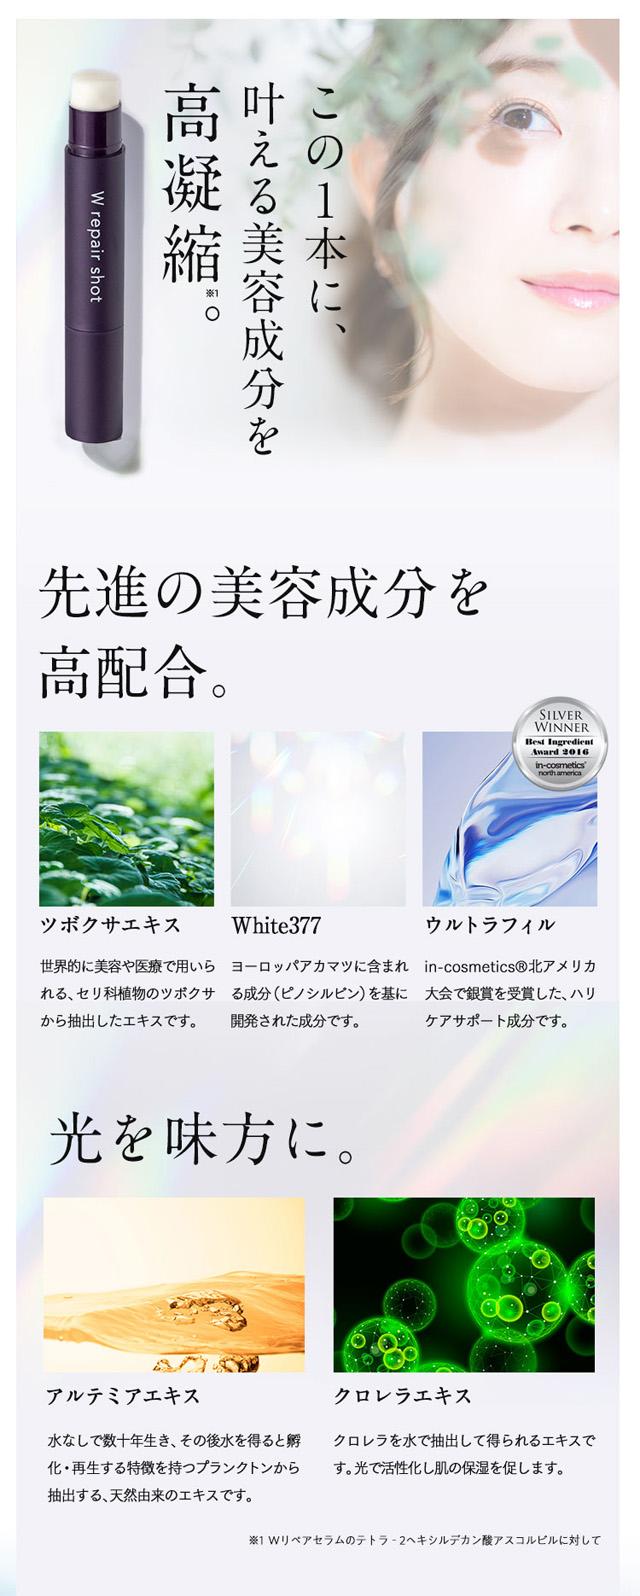 shimaboshi(シマボシ) Wリペアセラム,Wリペアショット,特徴,効果